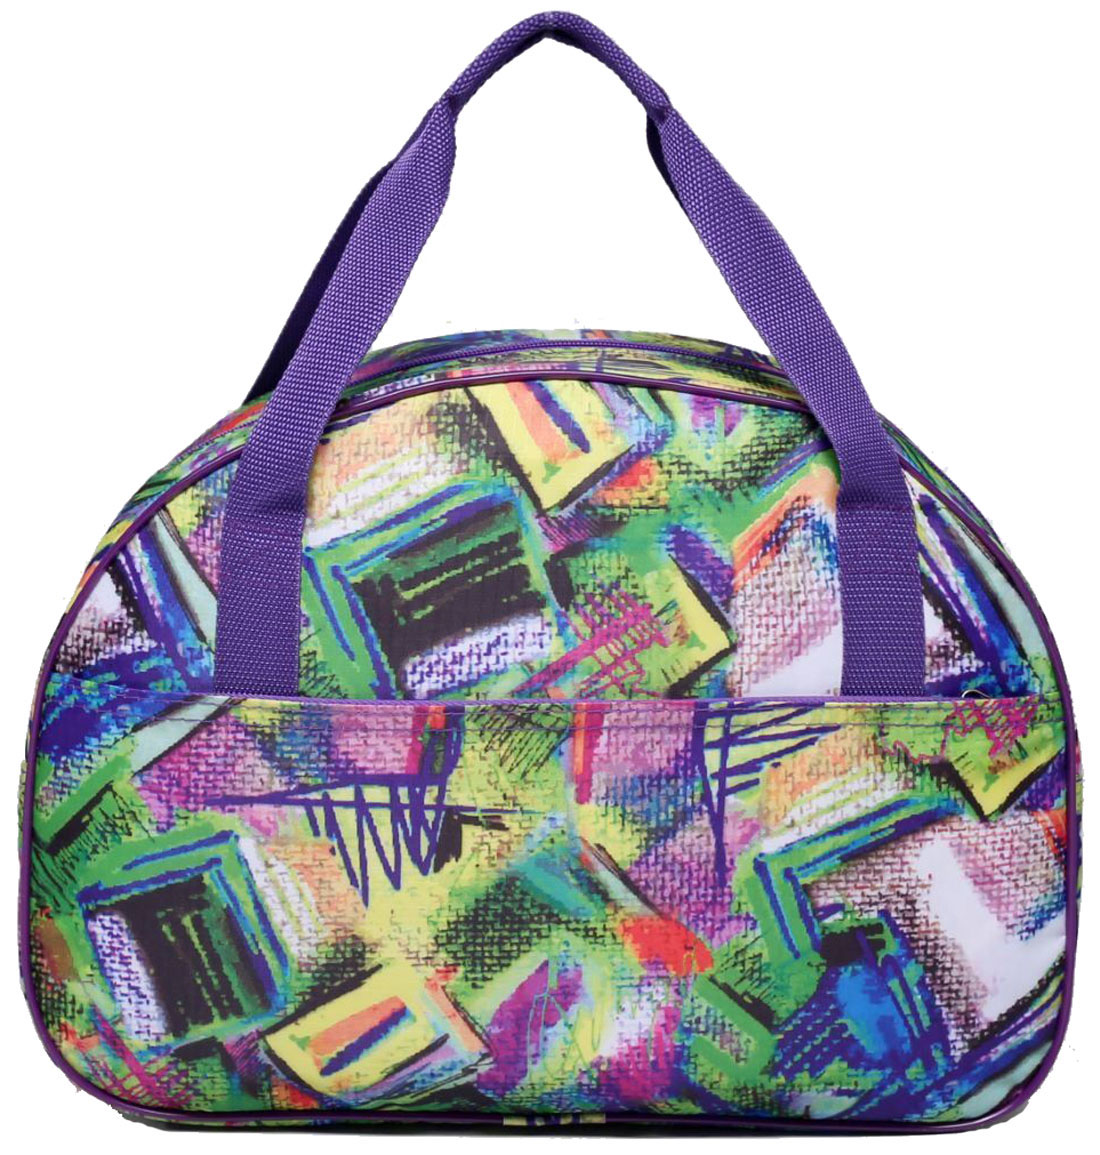 Сумка дорожная Sima-land, цвет: сиреневый. 24268822426882Модная универсальная сумка Sima-land будет незаменима для путешествий, поездок за город или занятий спортом. Сумка украшена ярким принтом. Она имеет большое отделение и 1 наружный карман.Практичный аксессуар выполнен из прочного текстиля, легко моется и не требует особого ухода.